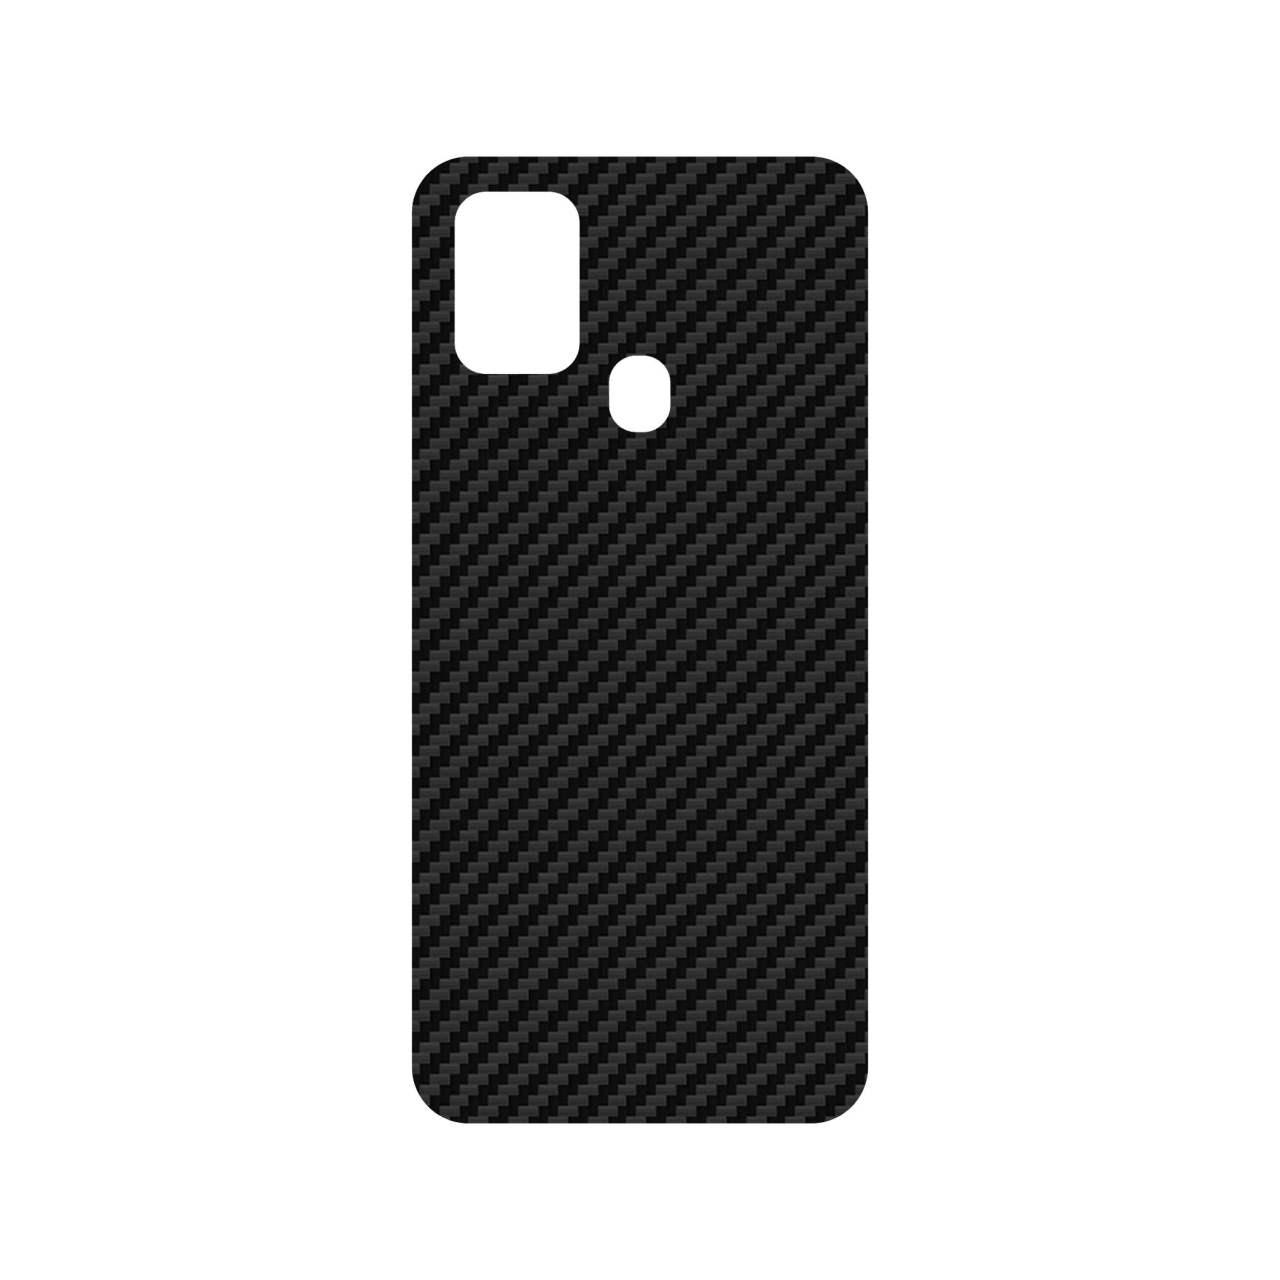 برچسب پوششی مدل kb-Fiber 01 مناسب برای گوشی موبایل سامسونگ Galaxy A21s